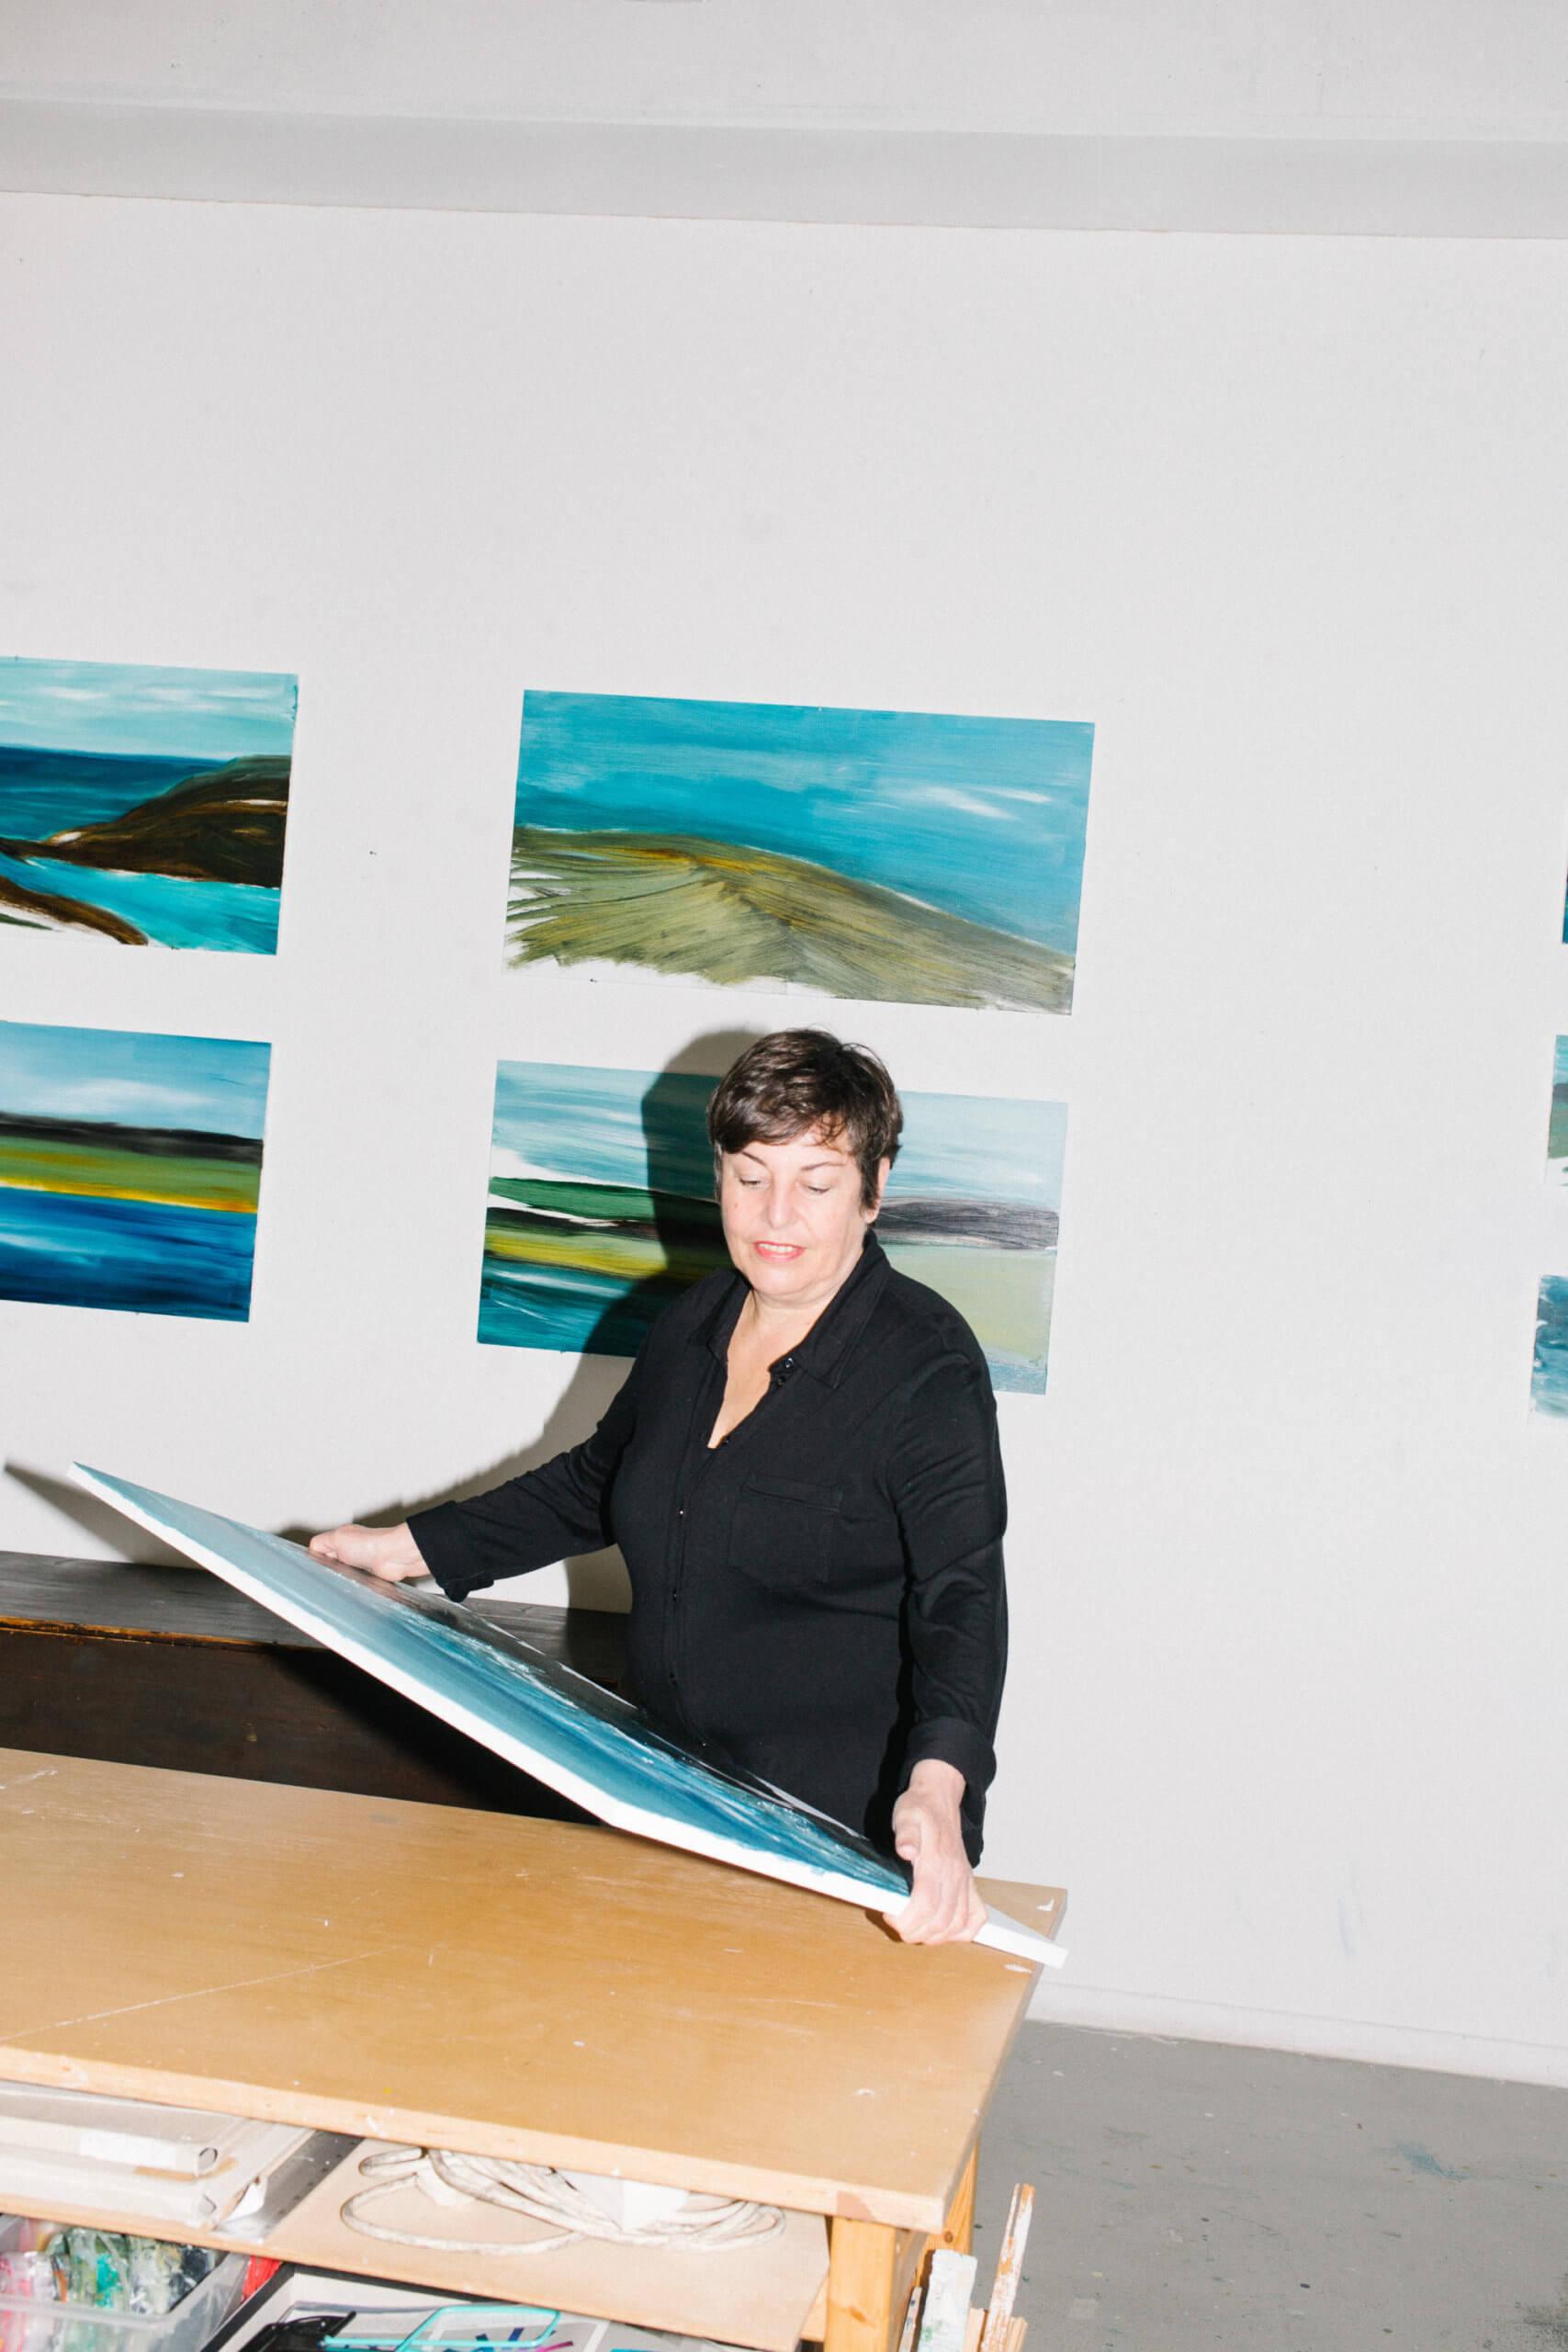 """Man sieht MOnka Humm in Ihrem Atelier, auf ein Bild schauend, welches sie in den Händen hält. Hinter ihr sind Arbeiten aus der Serie """"Landscapes - Places of Longing"""" von 2020 zu sehen."""